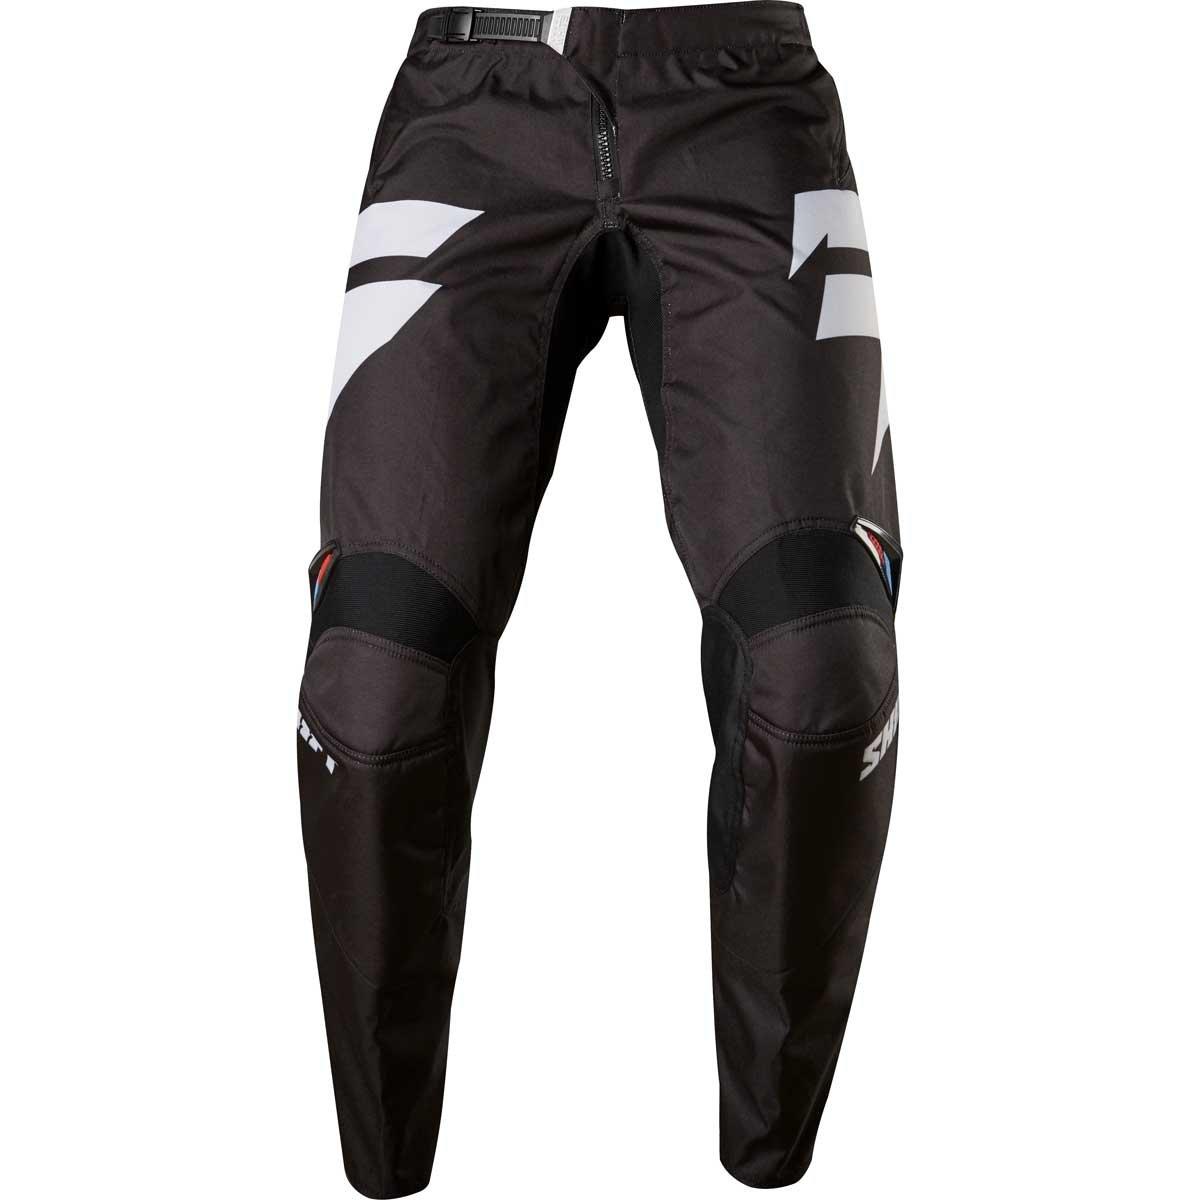 Shift Pantalone Cross Whit3 Schwarz - Ninety Seven - Nero, 36